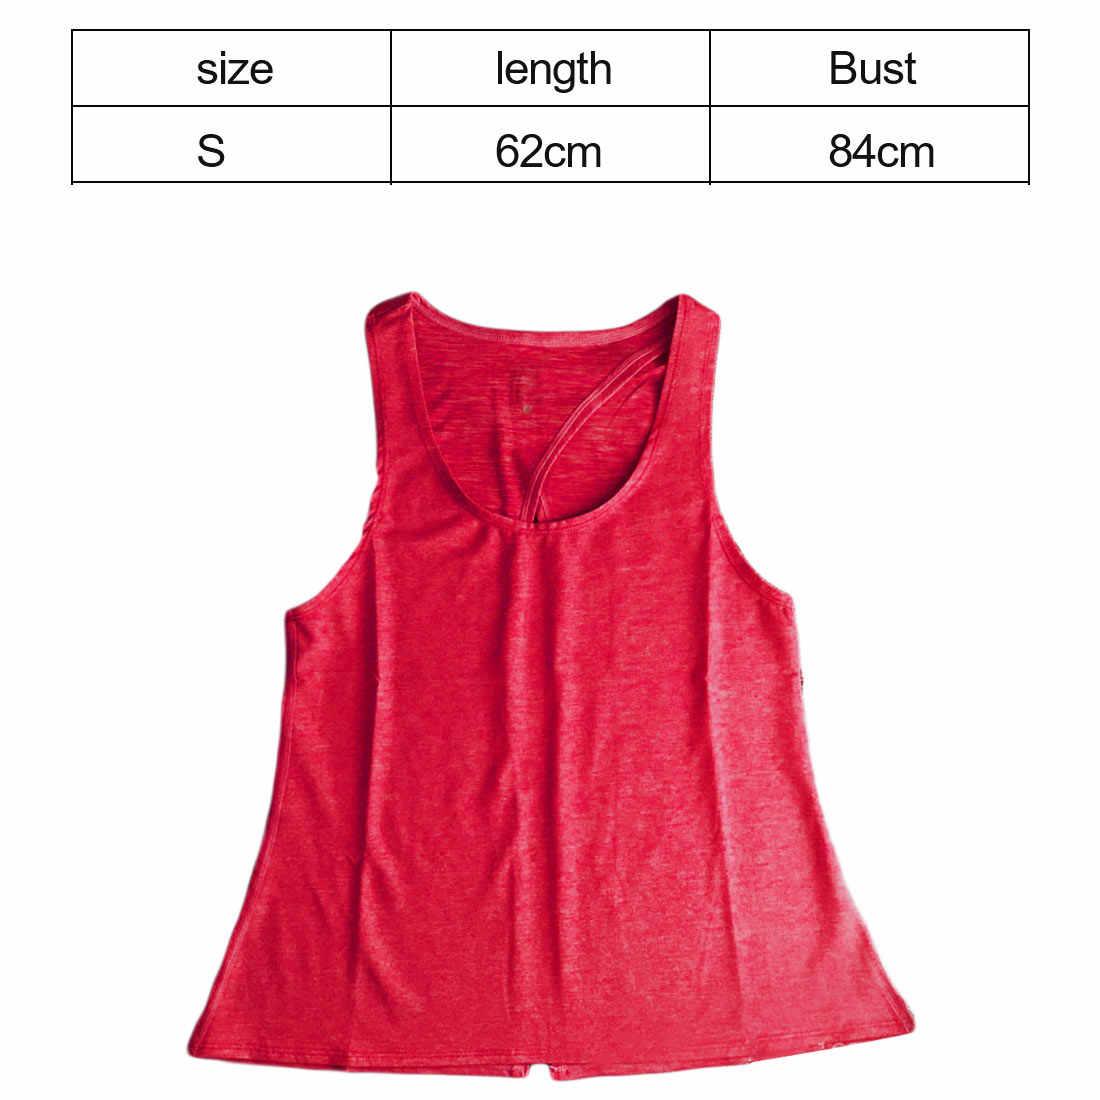 スポーツベストセクシーな女性ベストバック分割 Women'sCan で接続するバックストレッチトップスシャツ